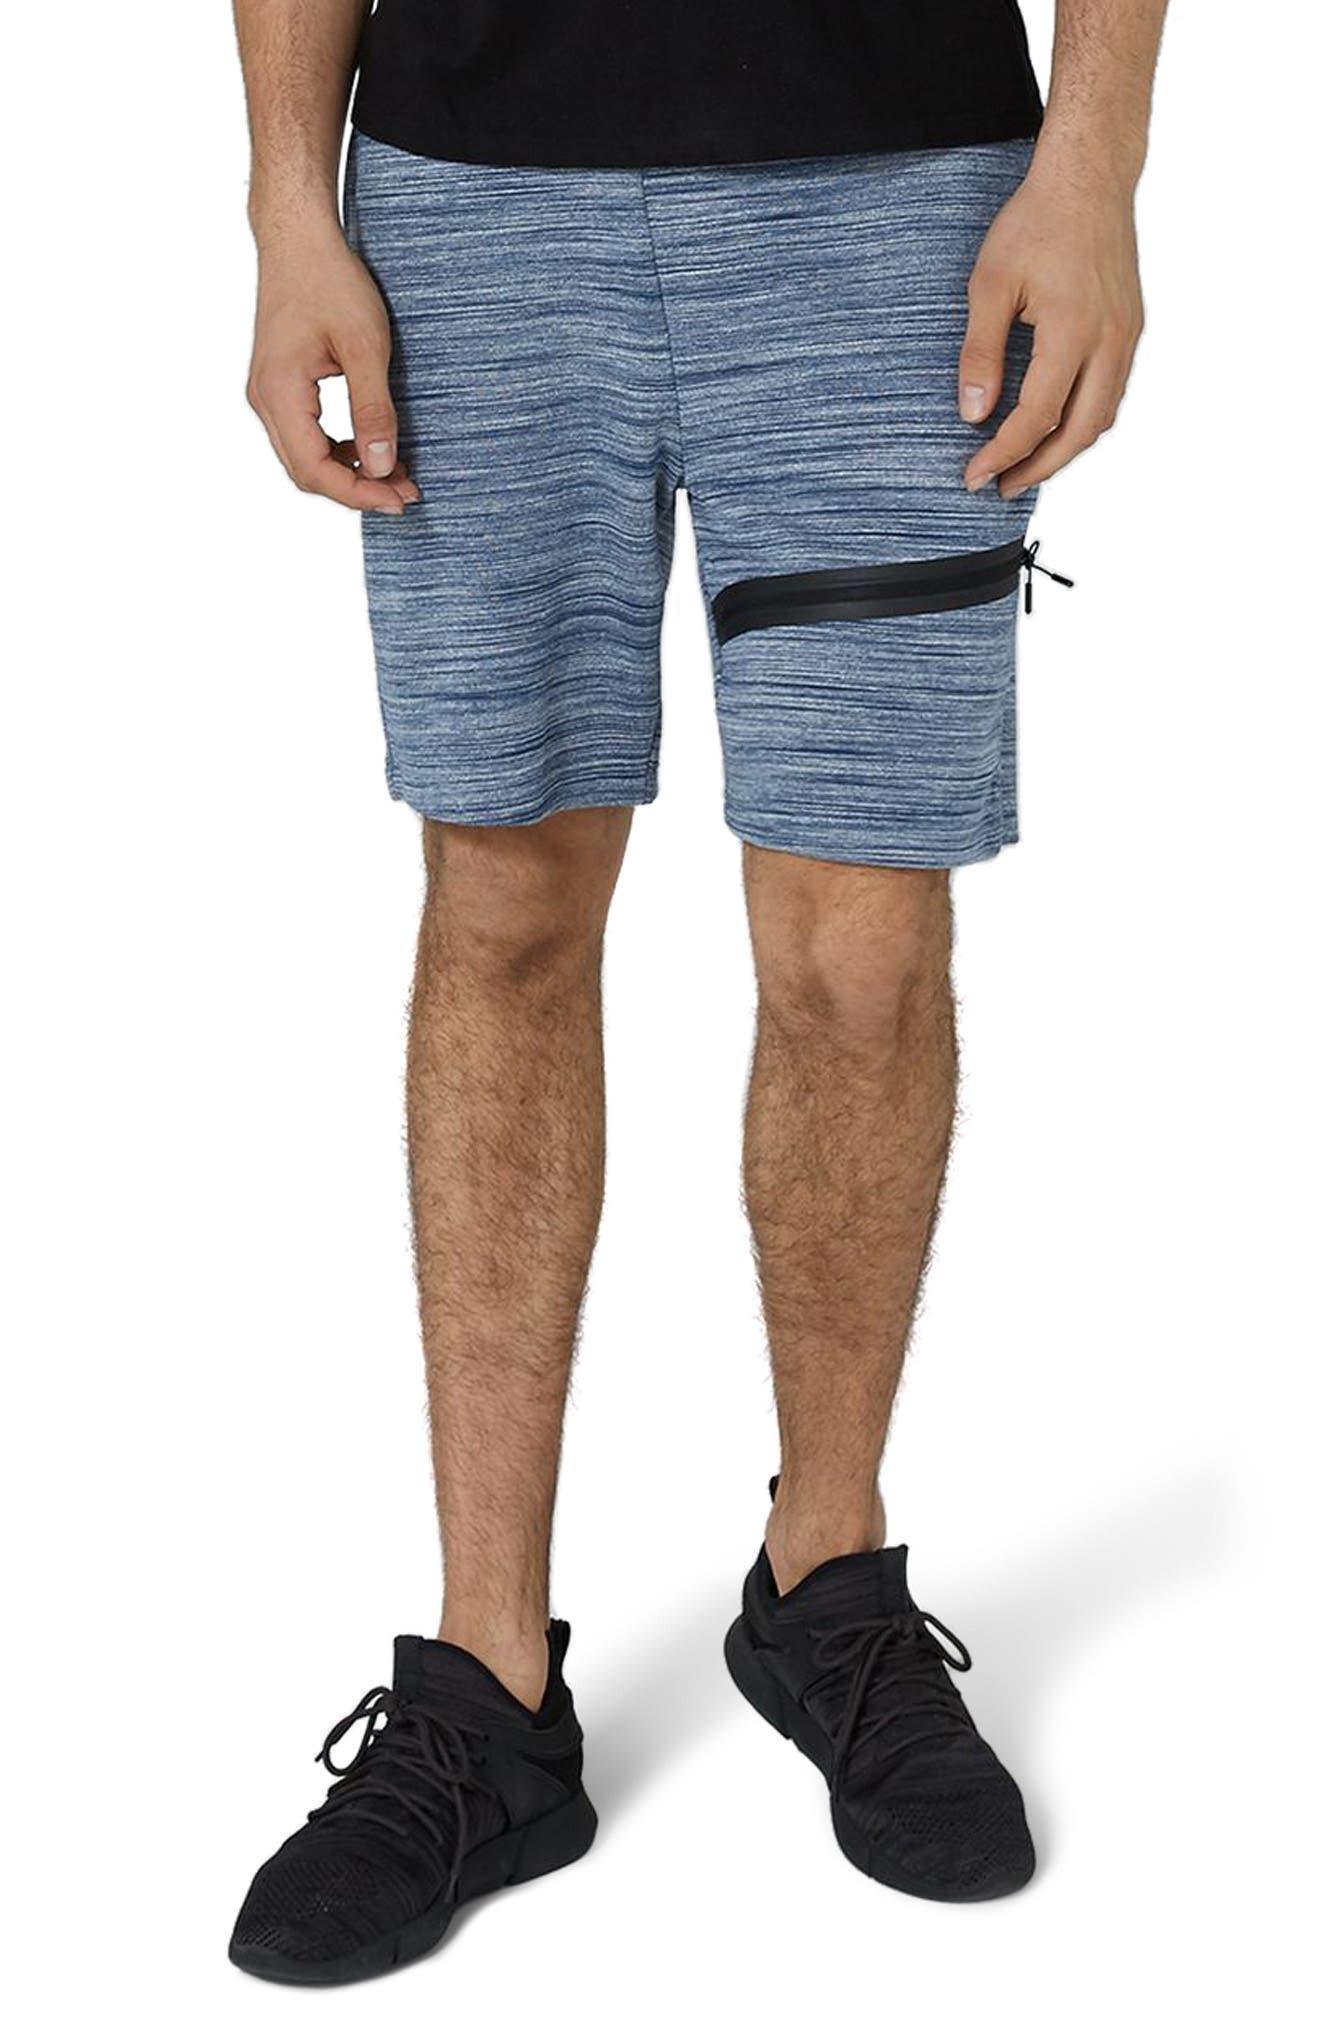 Space Dye Tech Shorts,                         Main,                         color, Mid Blue